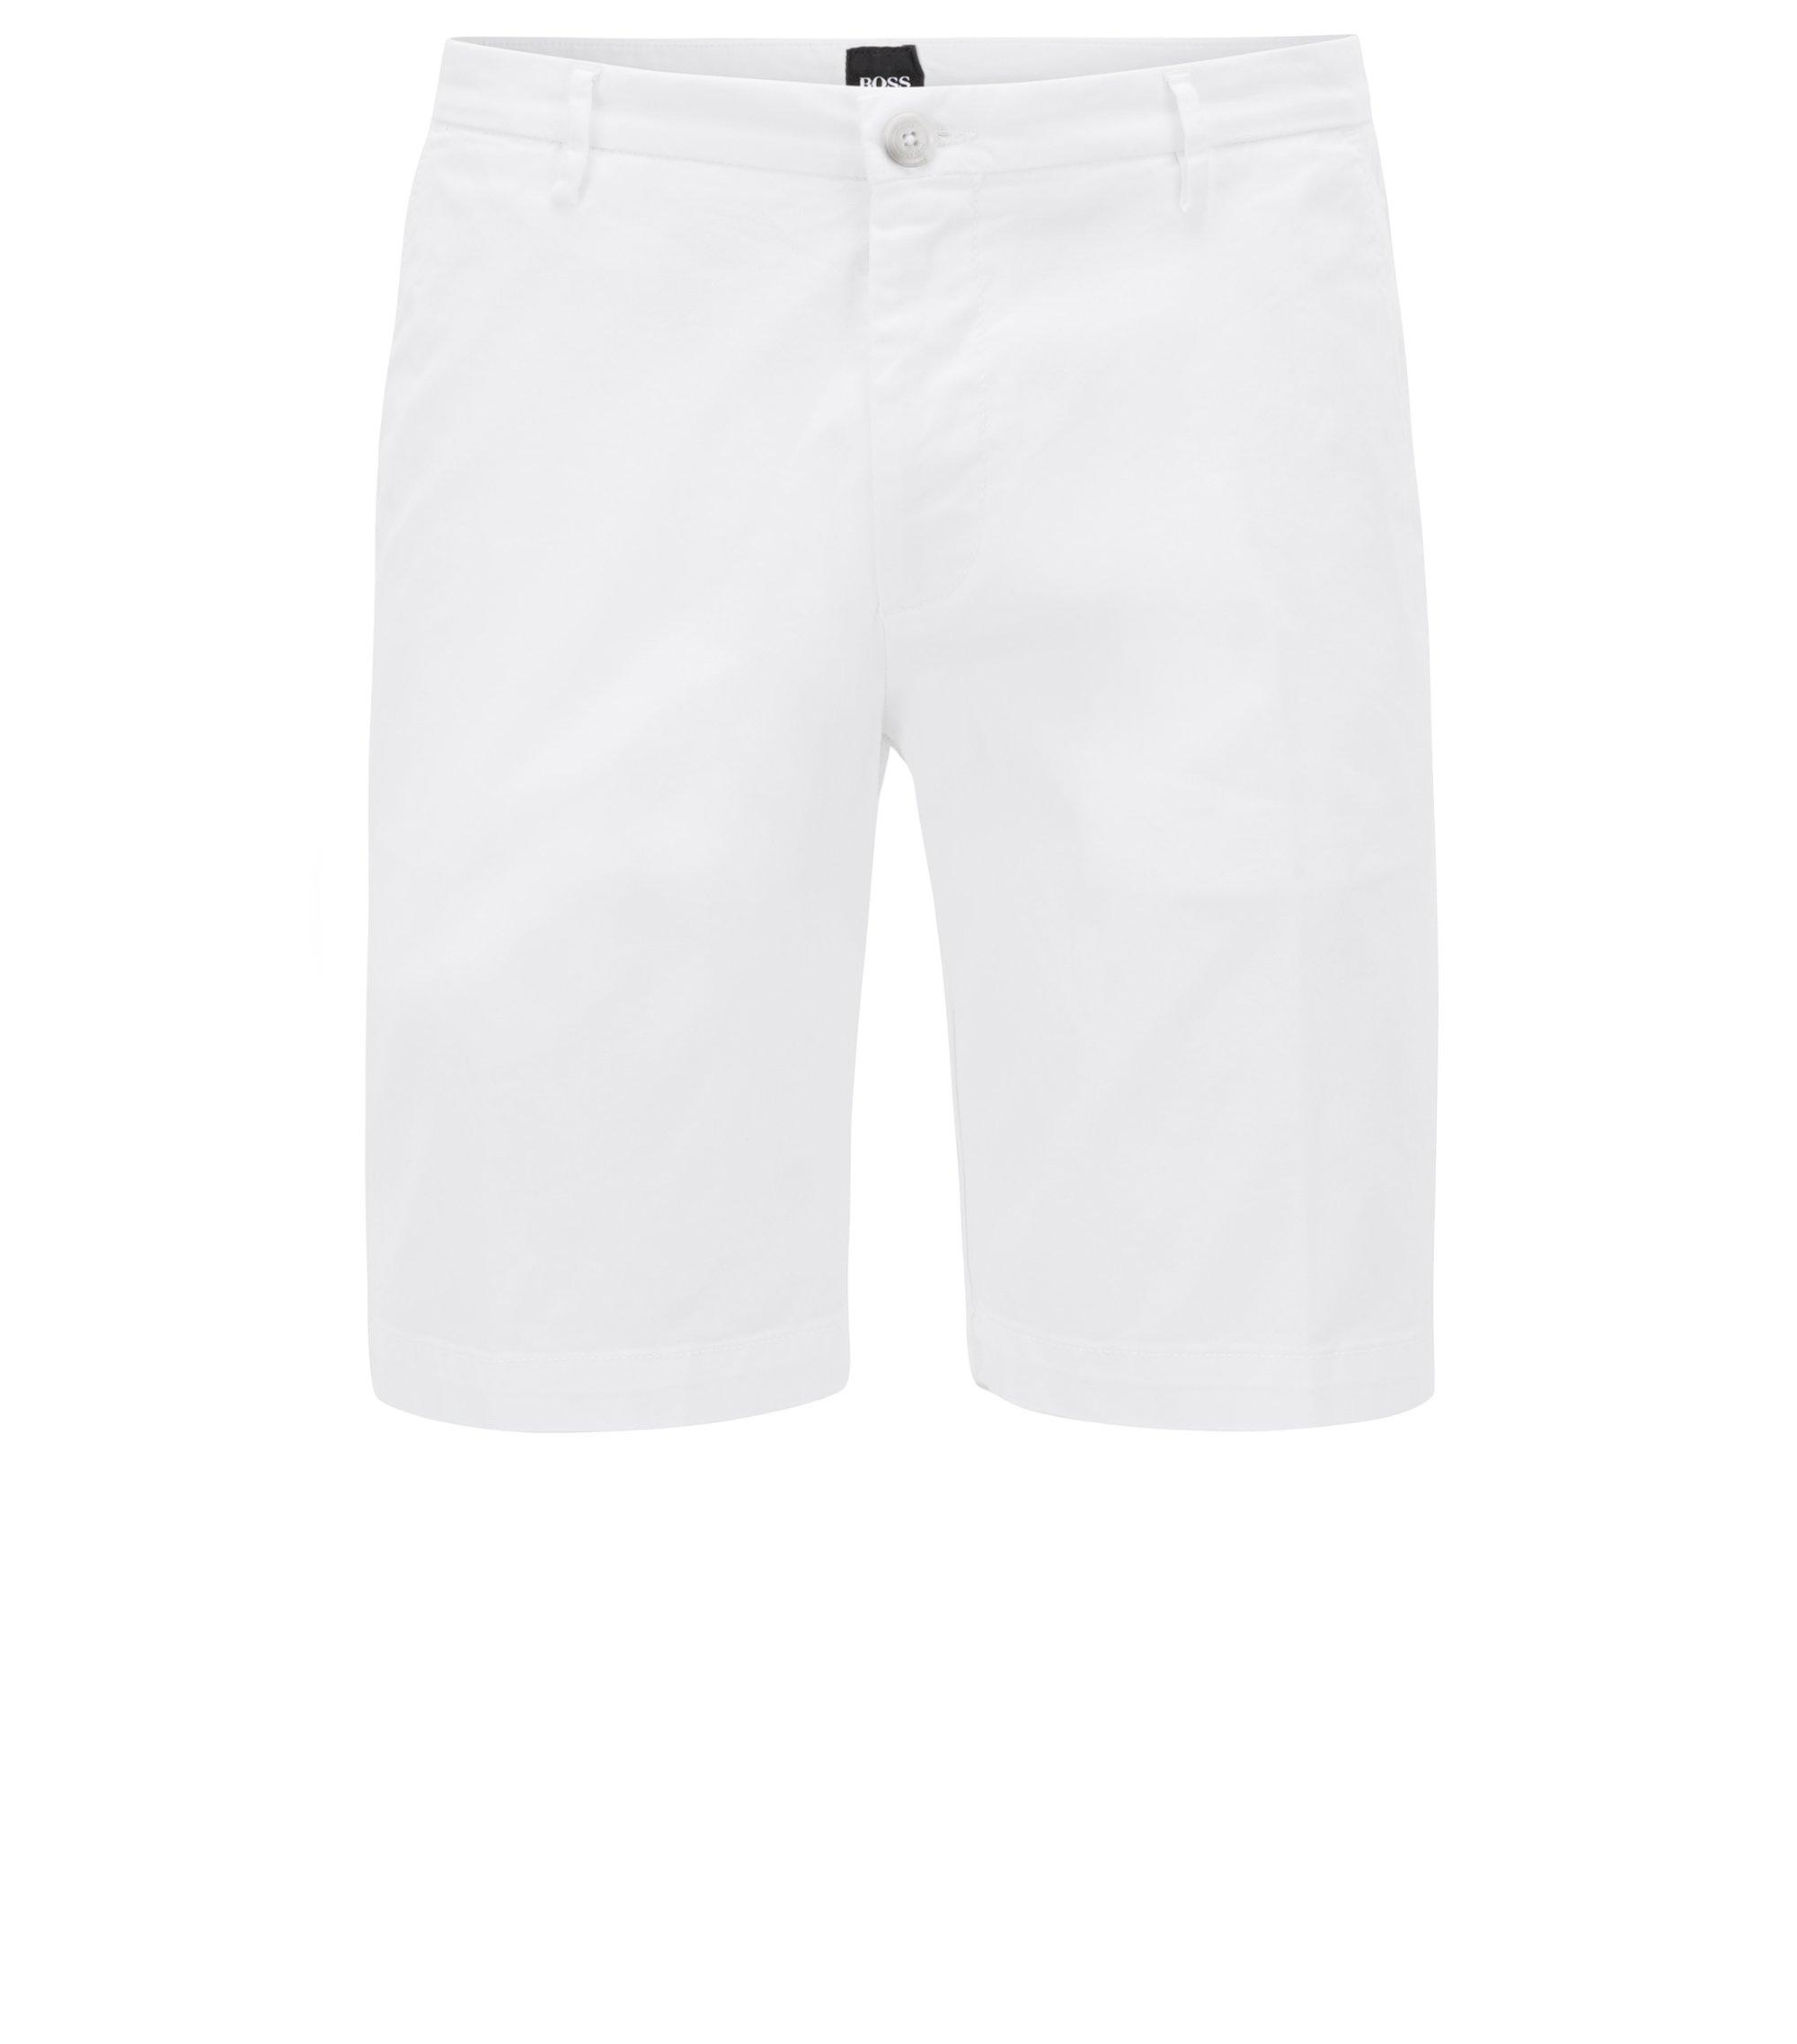 Shorts slim fit en tejido de gabardina de algodón elástico, Blanco